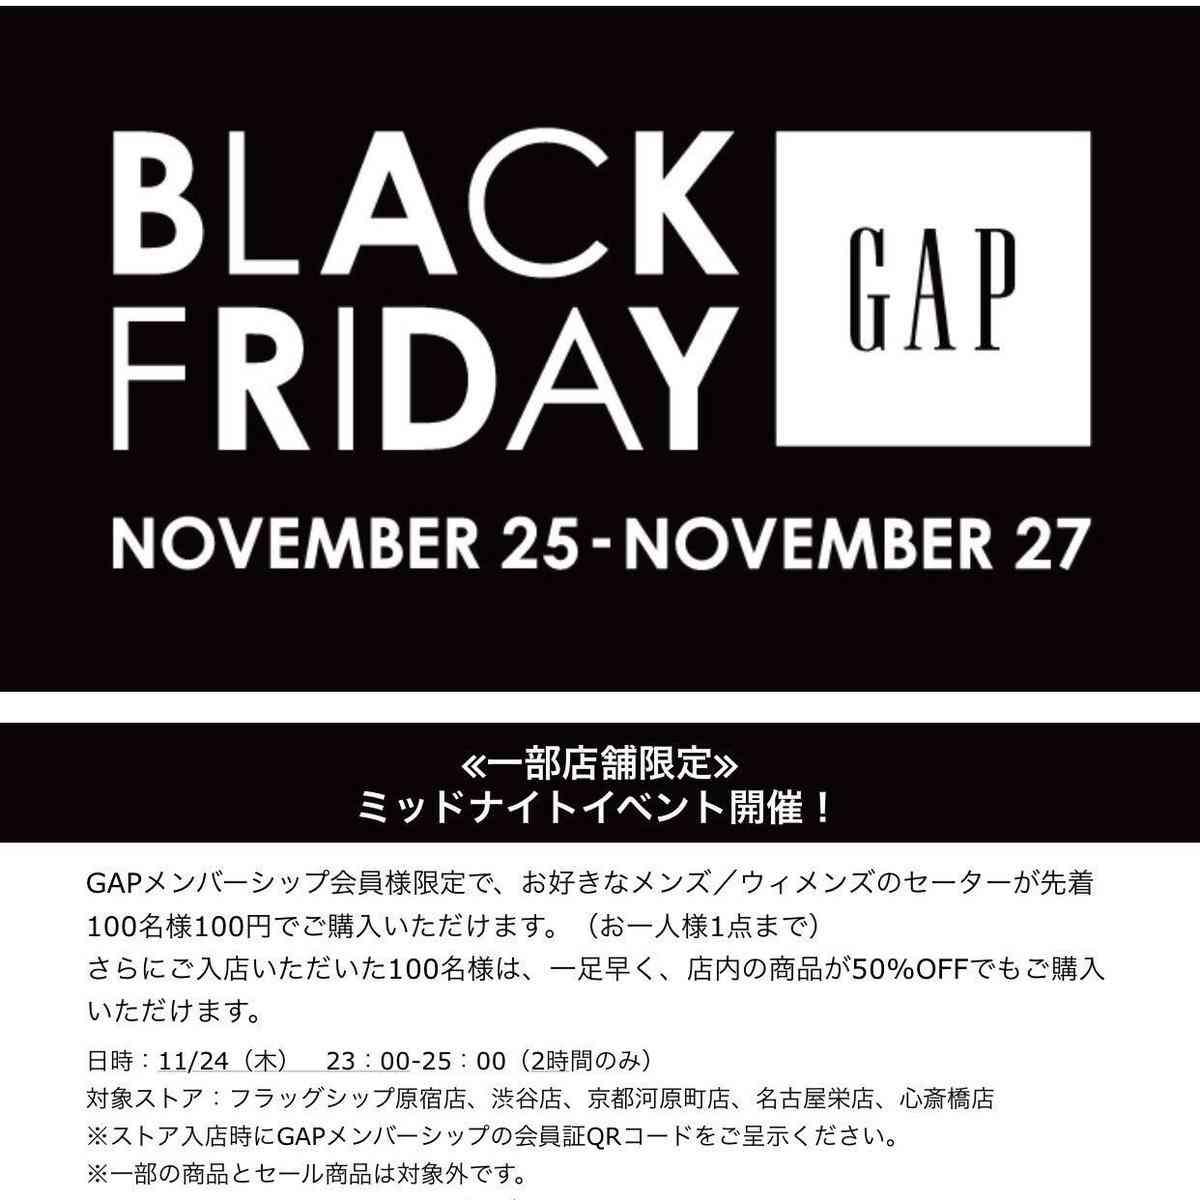 GAPのセーターが100円!日本上陸の「ブラックフライデー」がお得すぎる